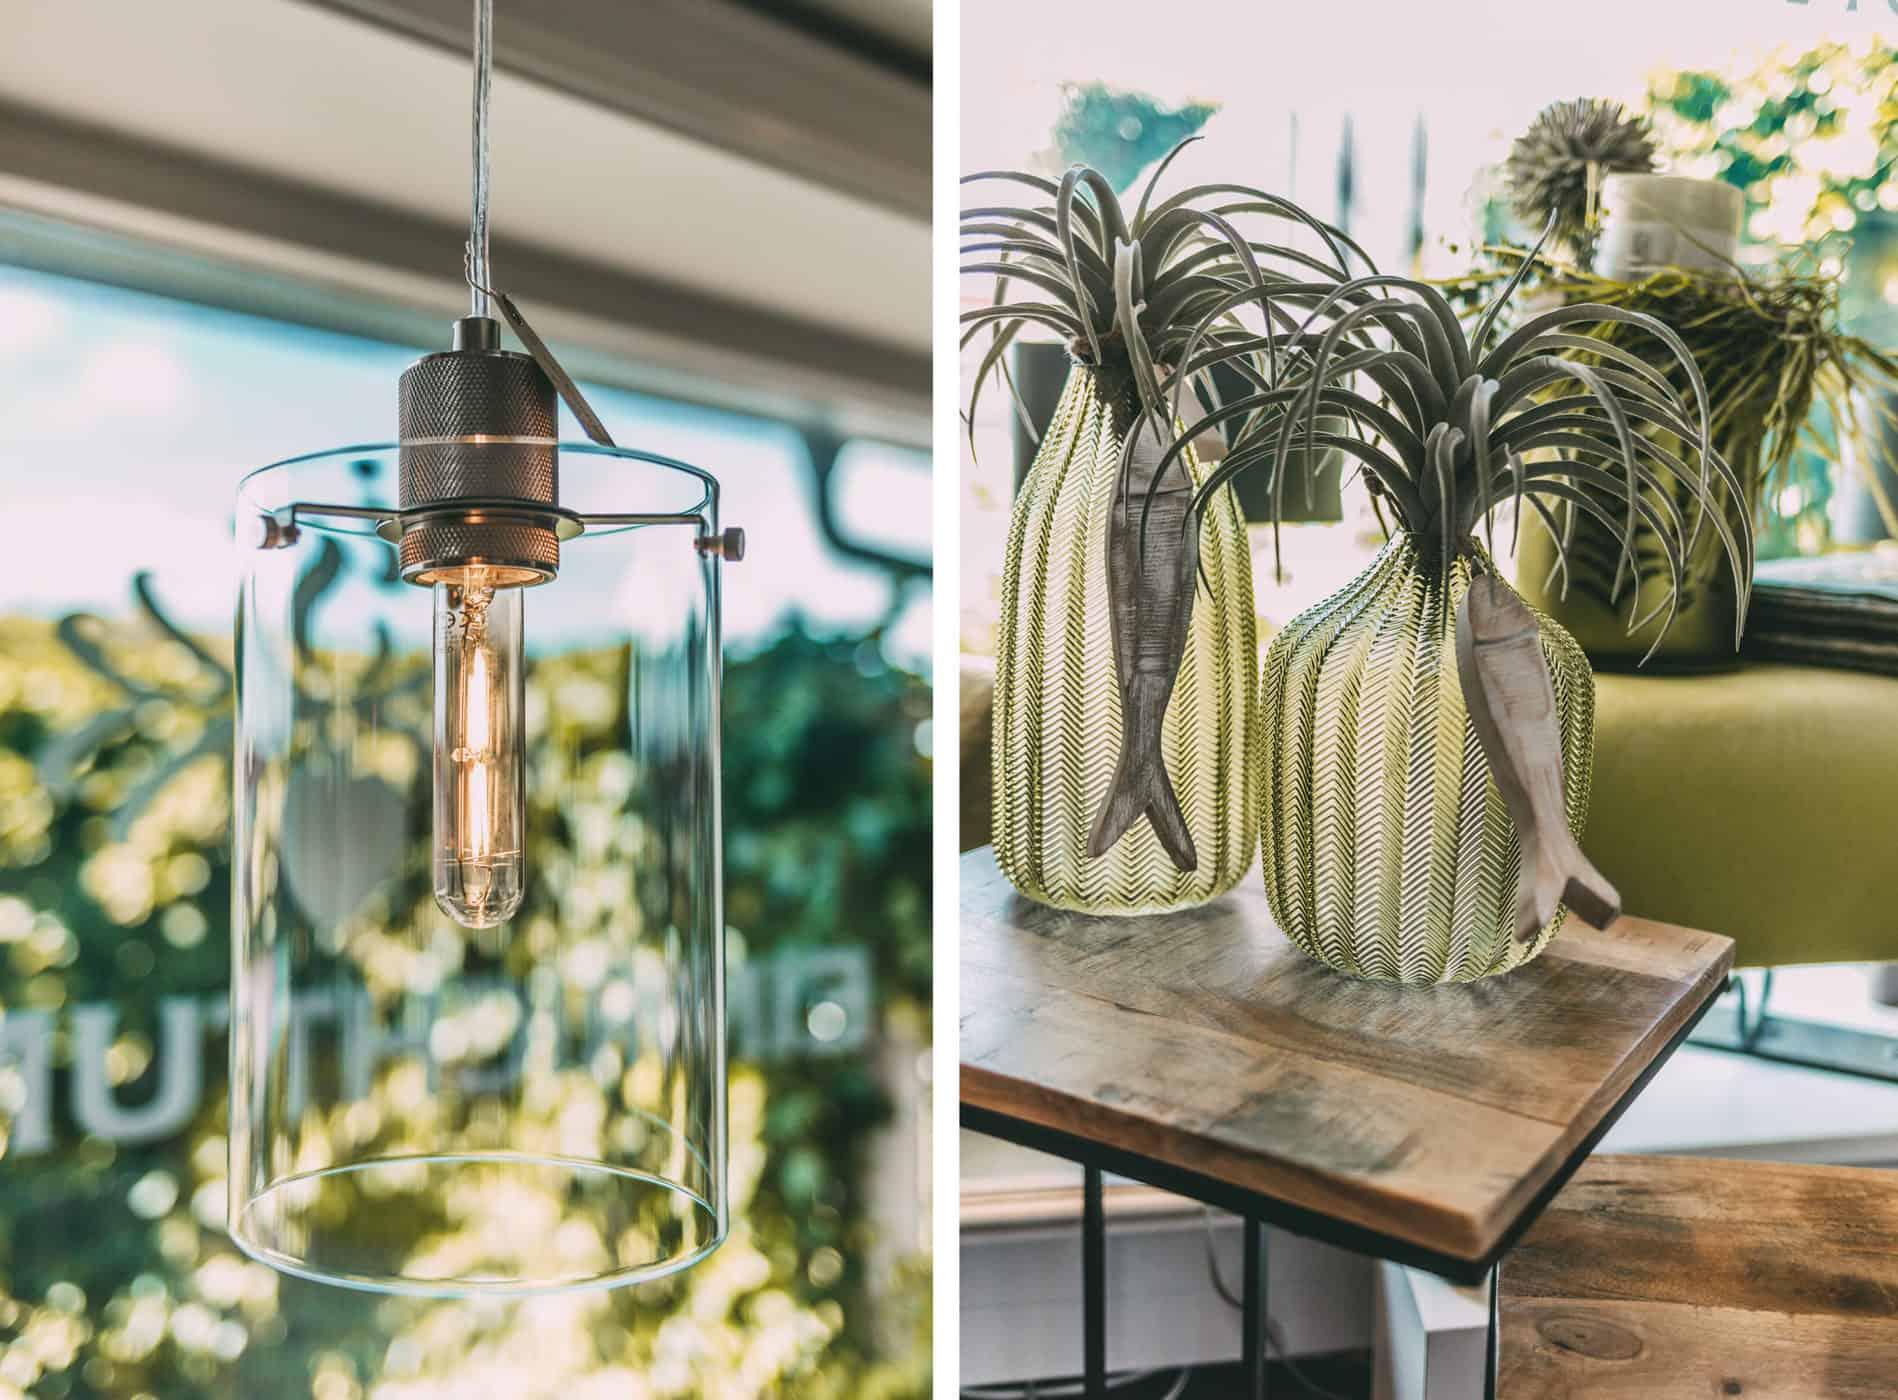 Leuchte und Pflanzen